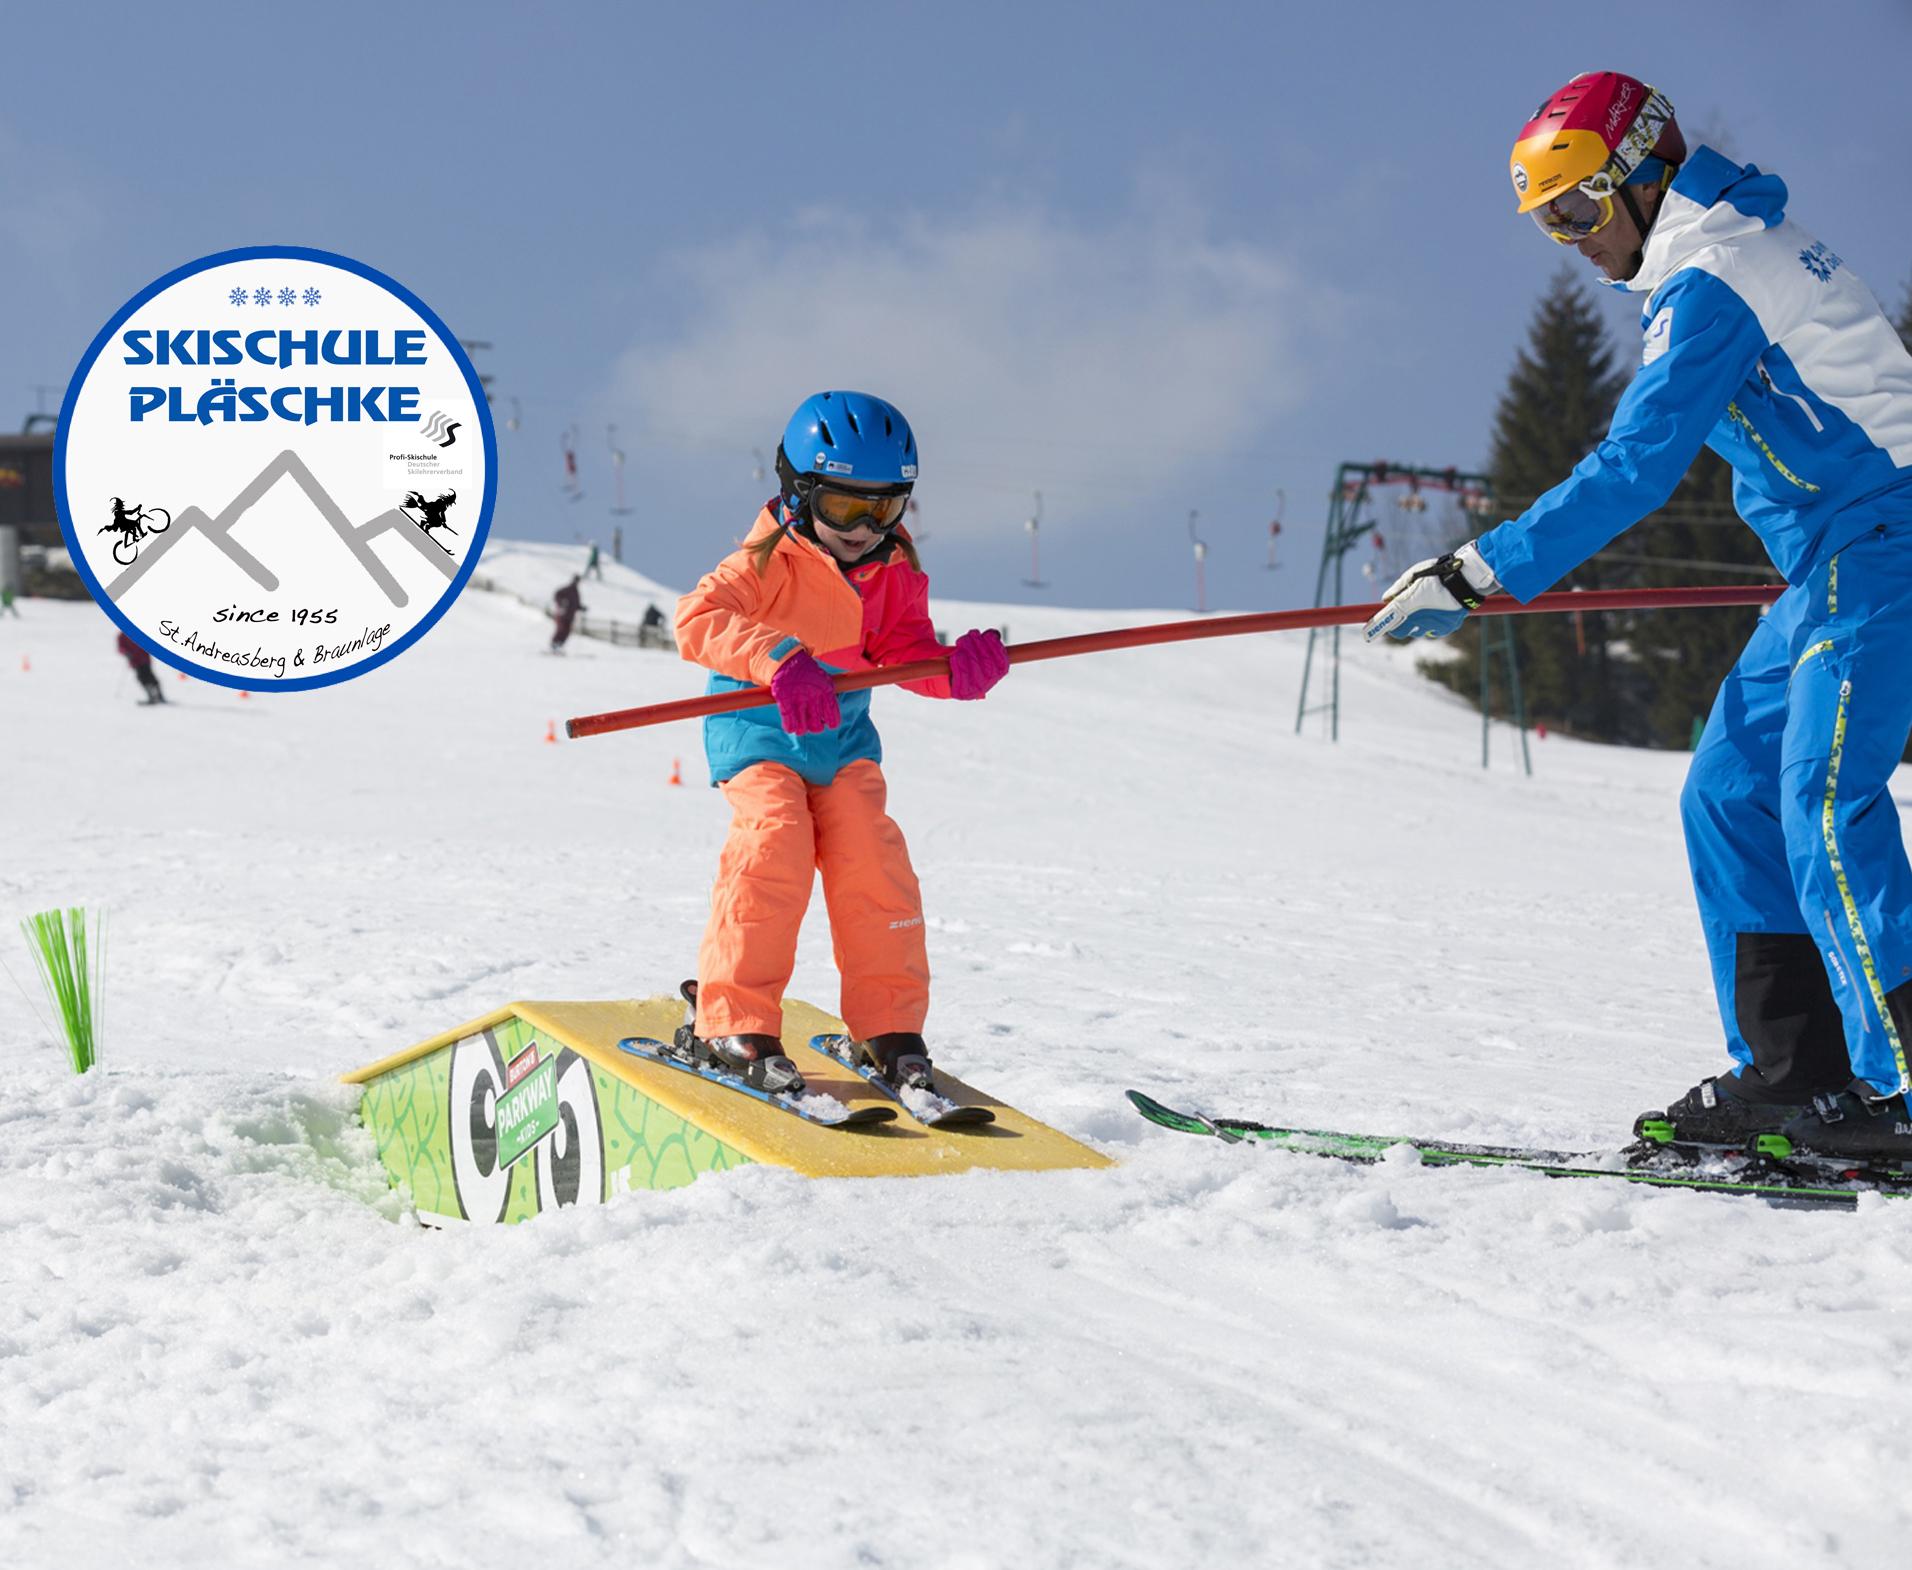 Skischule Pläschke 6.jpg